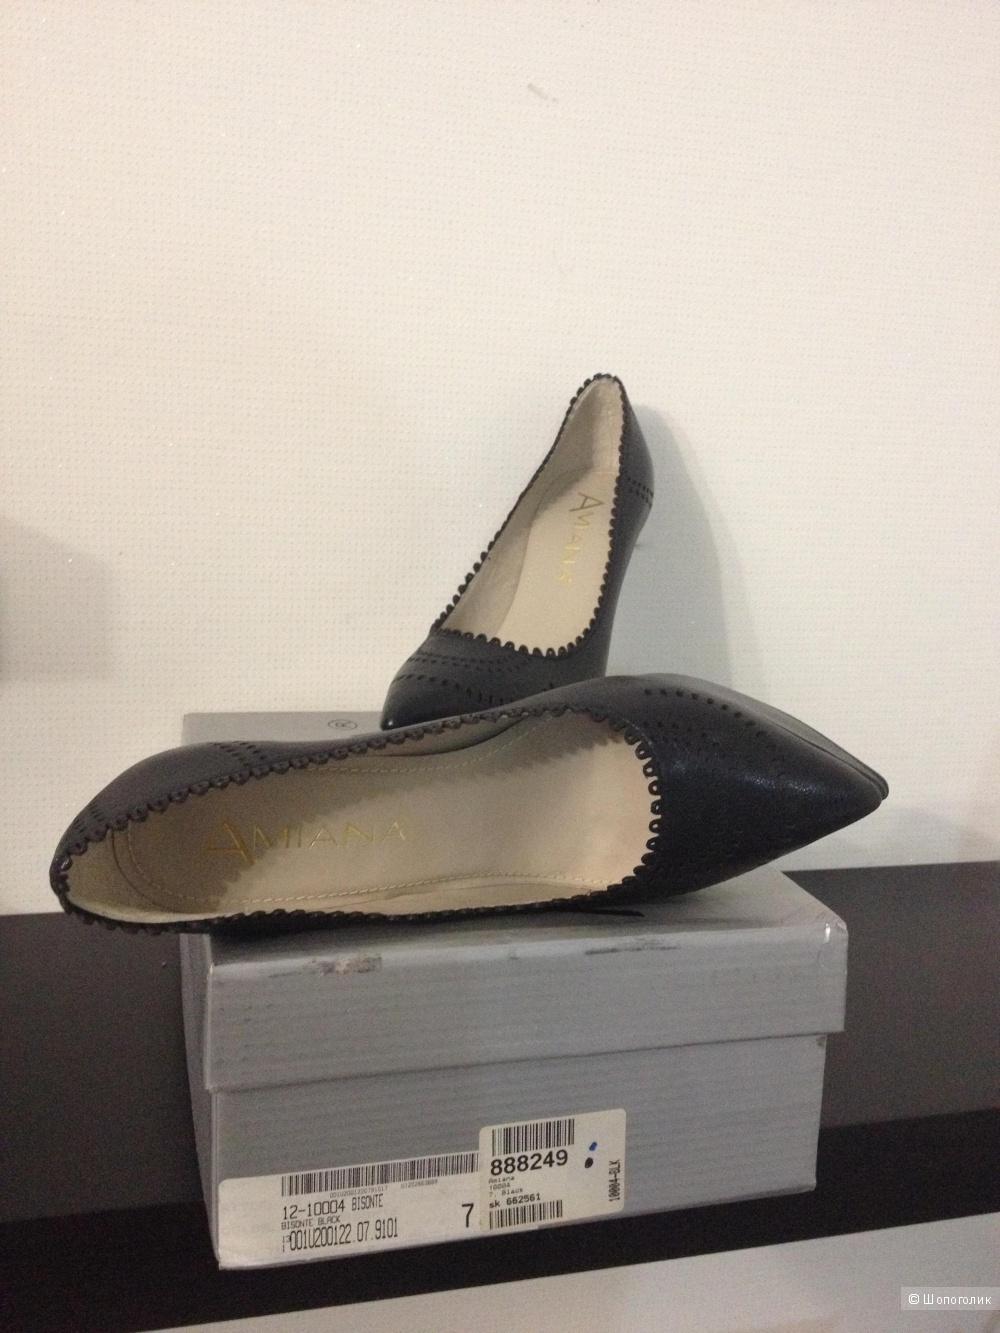 Туфли Amiana новые кожаные ЧЕРНЫЕ размер 7 амер., 38 евро, 25 см стелька